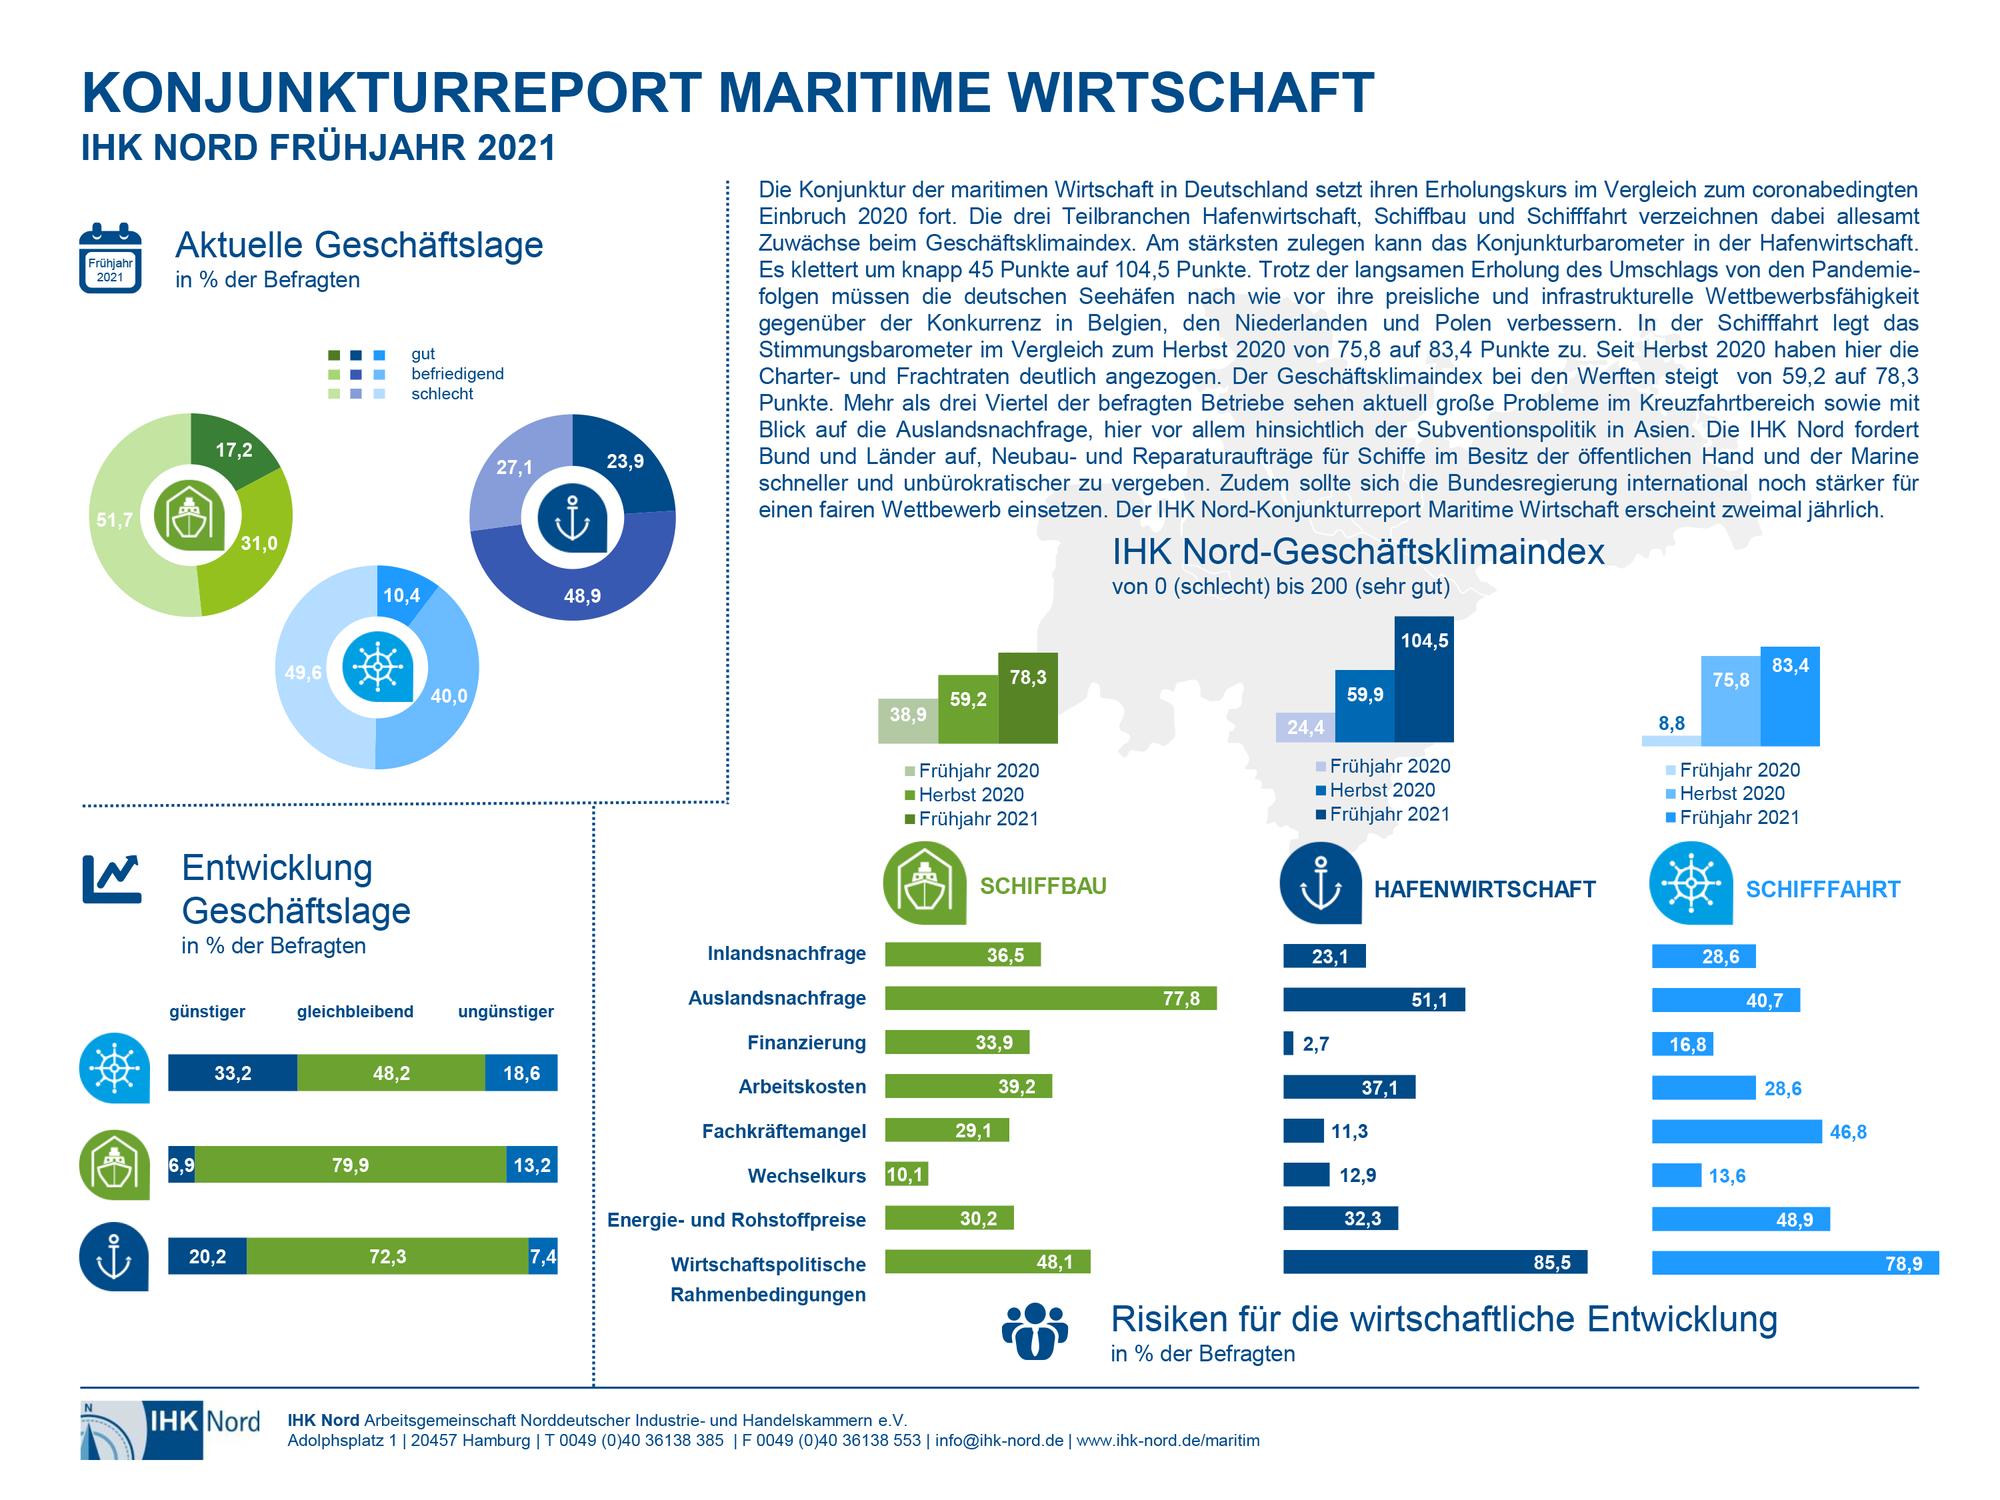 Konjunkturreport maritime Wirtschaft